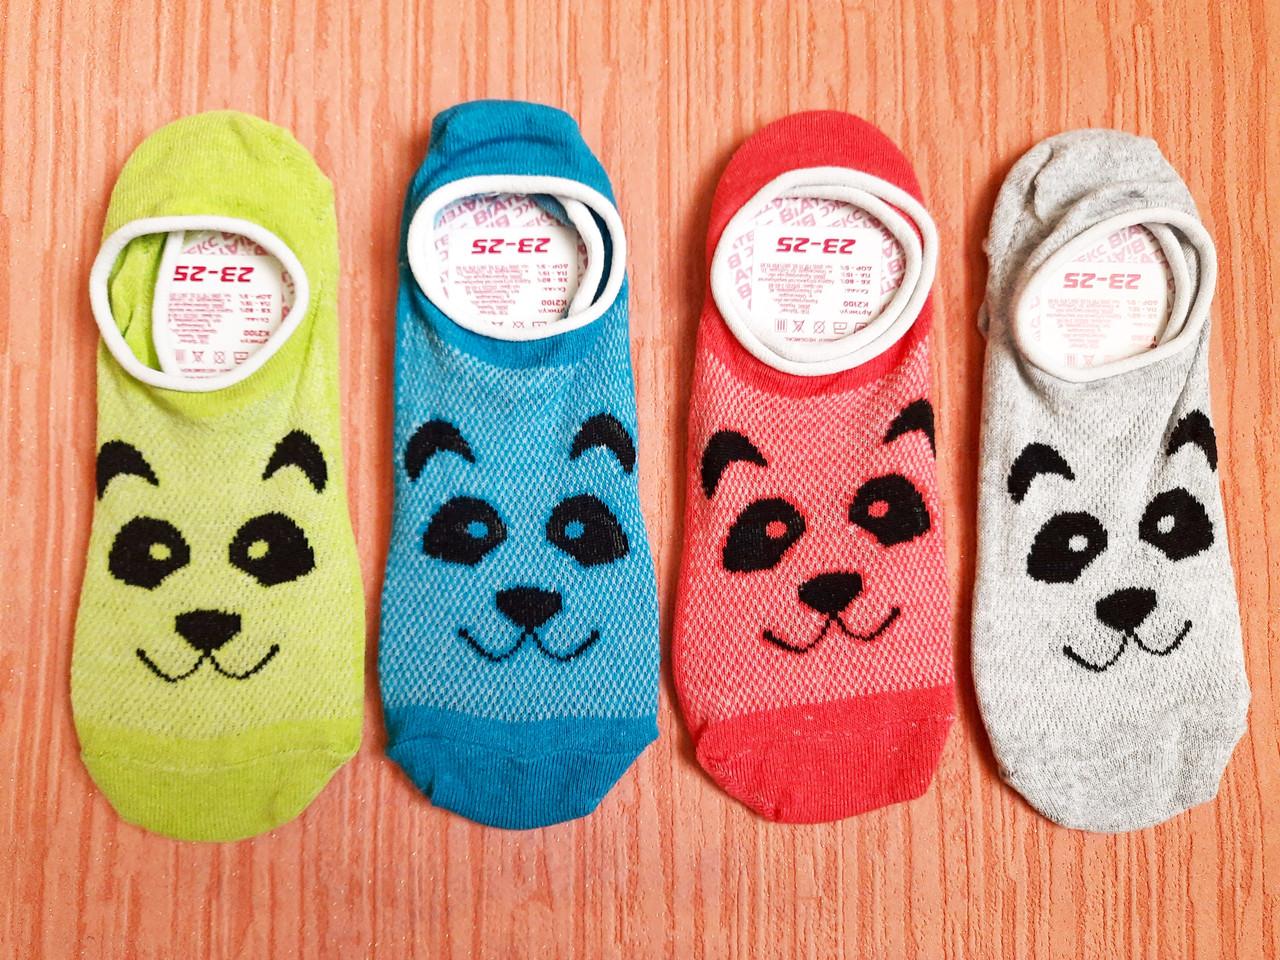 Сліди шкарпетки жіночі р. 23-25 бавовна стрейч Україна. Від 6 пар по 8 грн